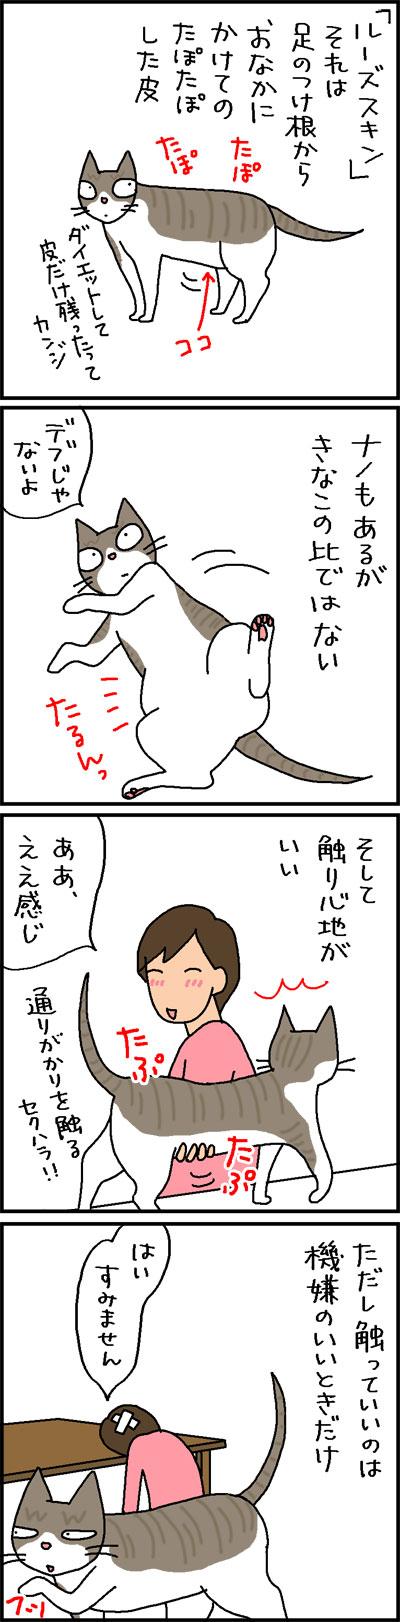 猫のルーズスキンは触り心地がいい4コマネコ漫画